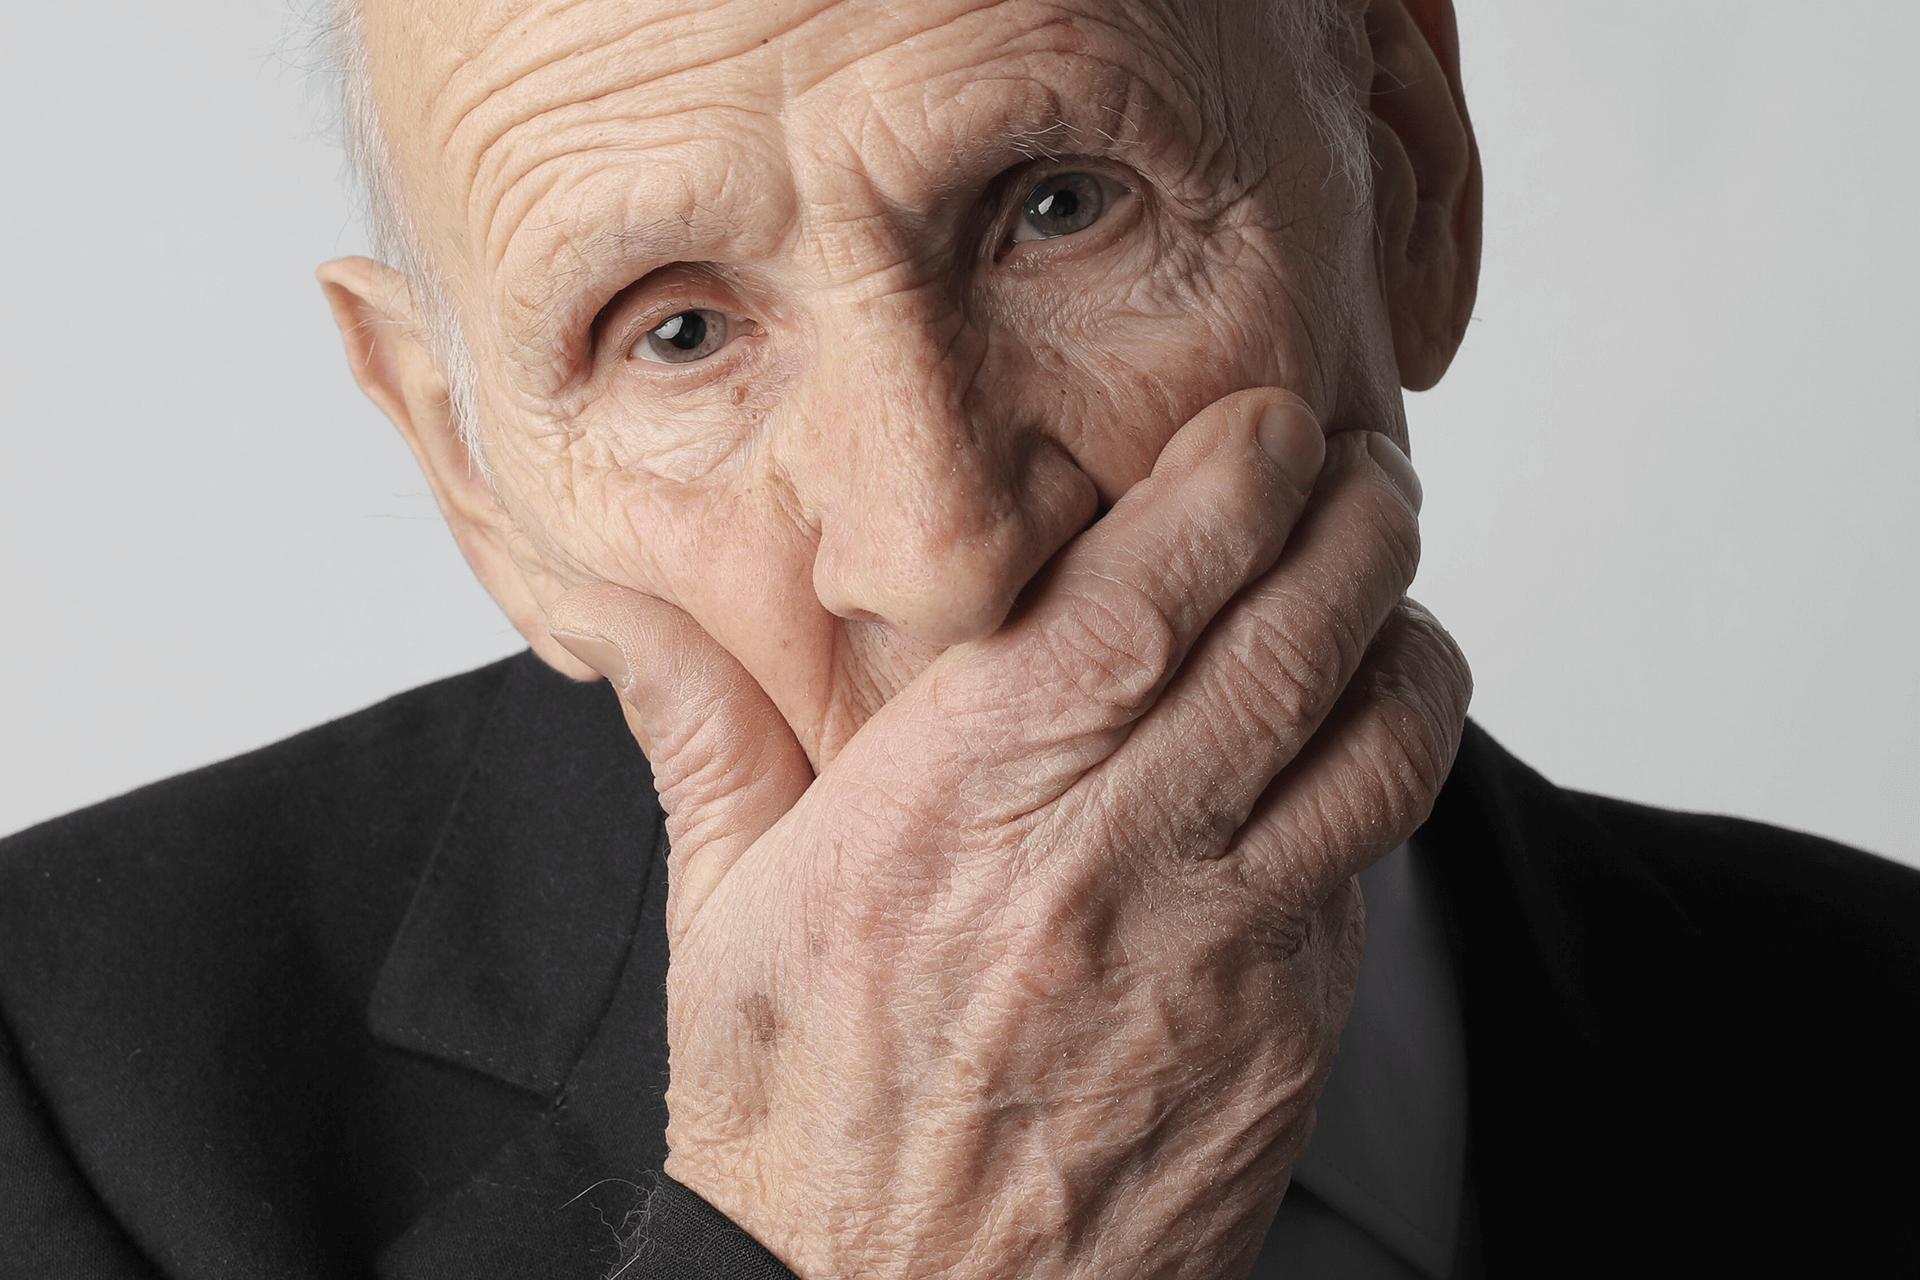 older gentleman concerned